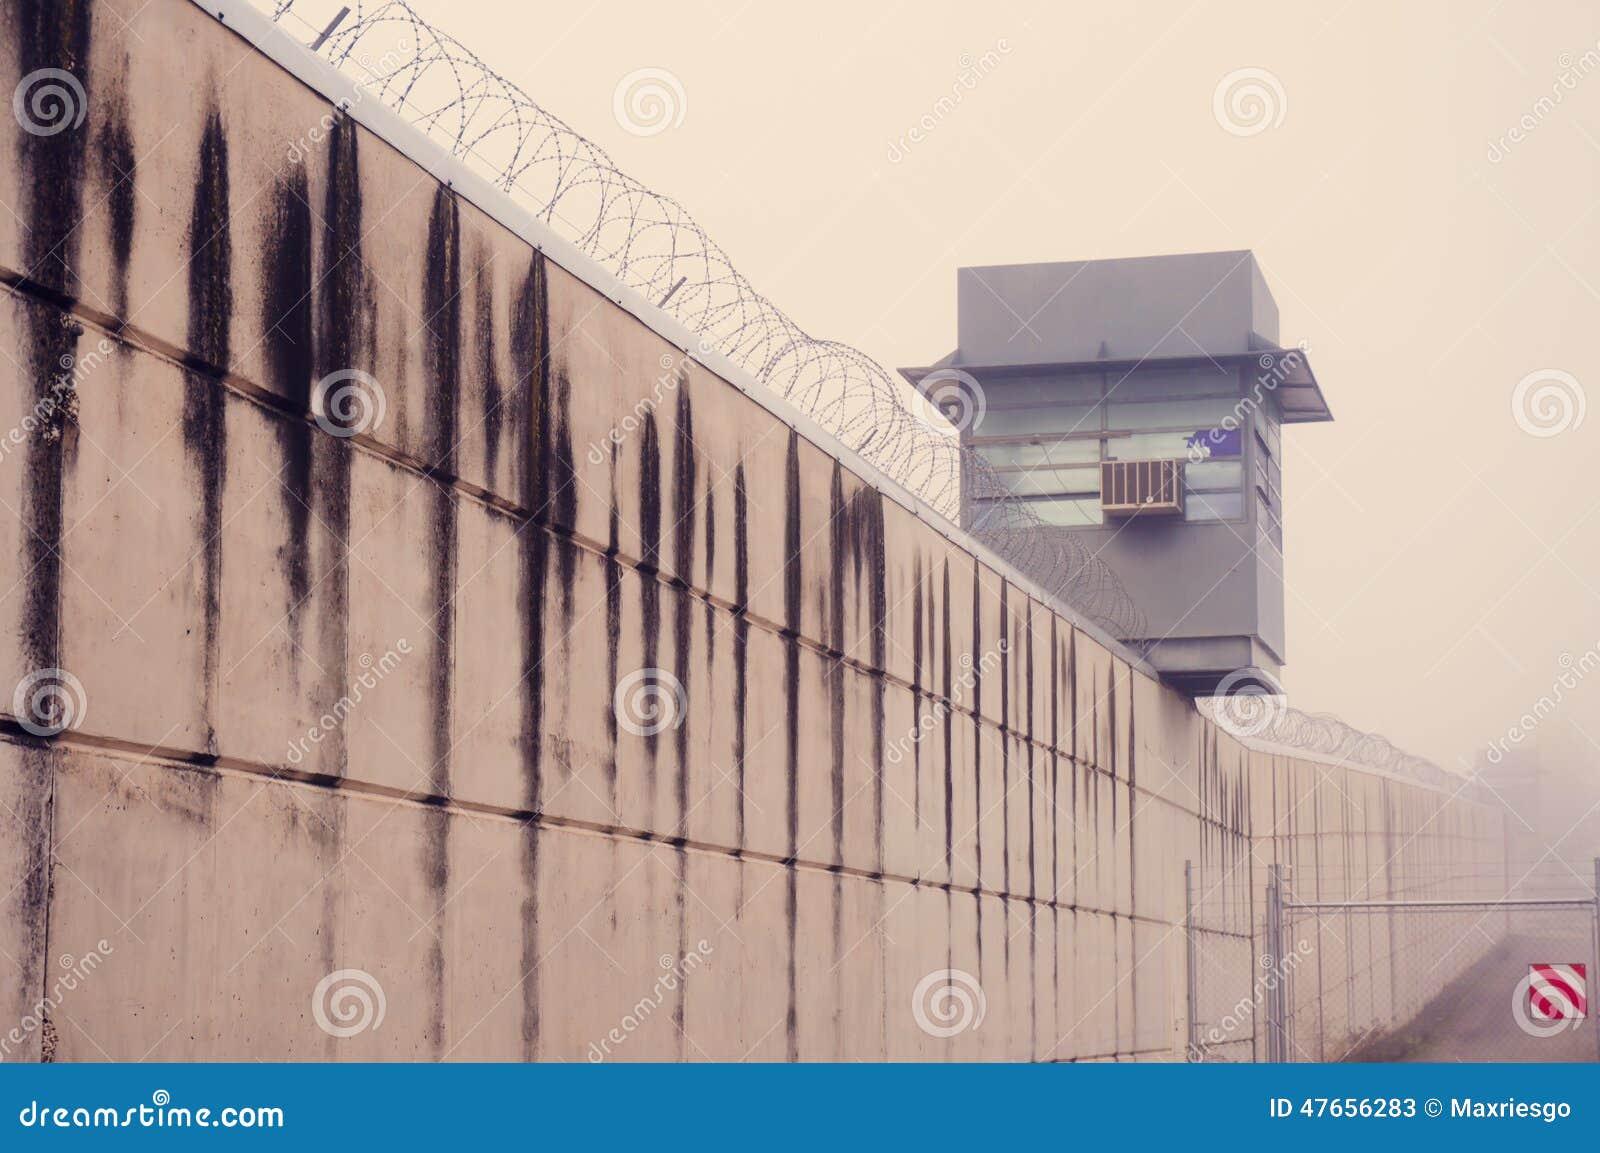 监狱塔攻略_监狱塔_黑铁监狱塔 攻略